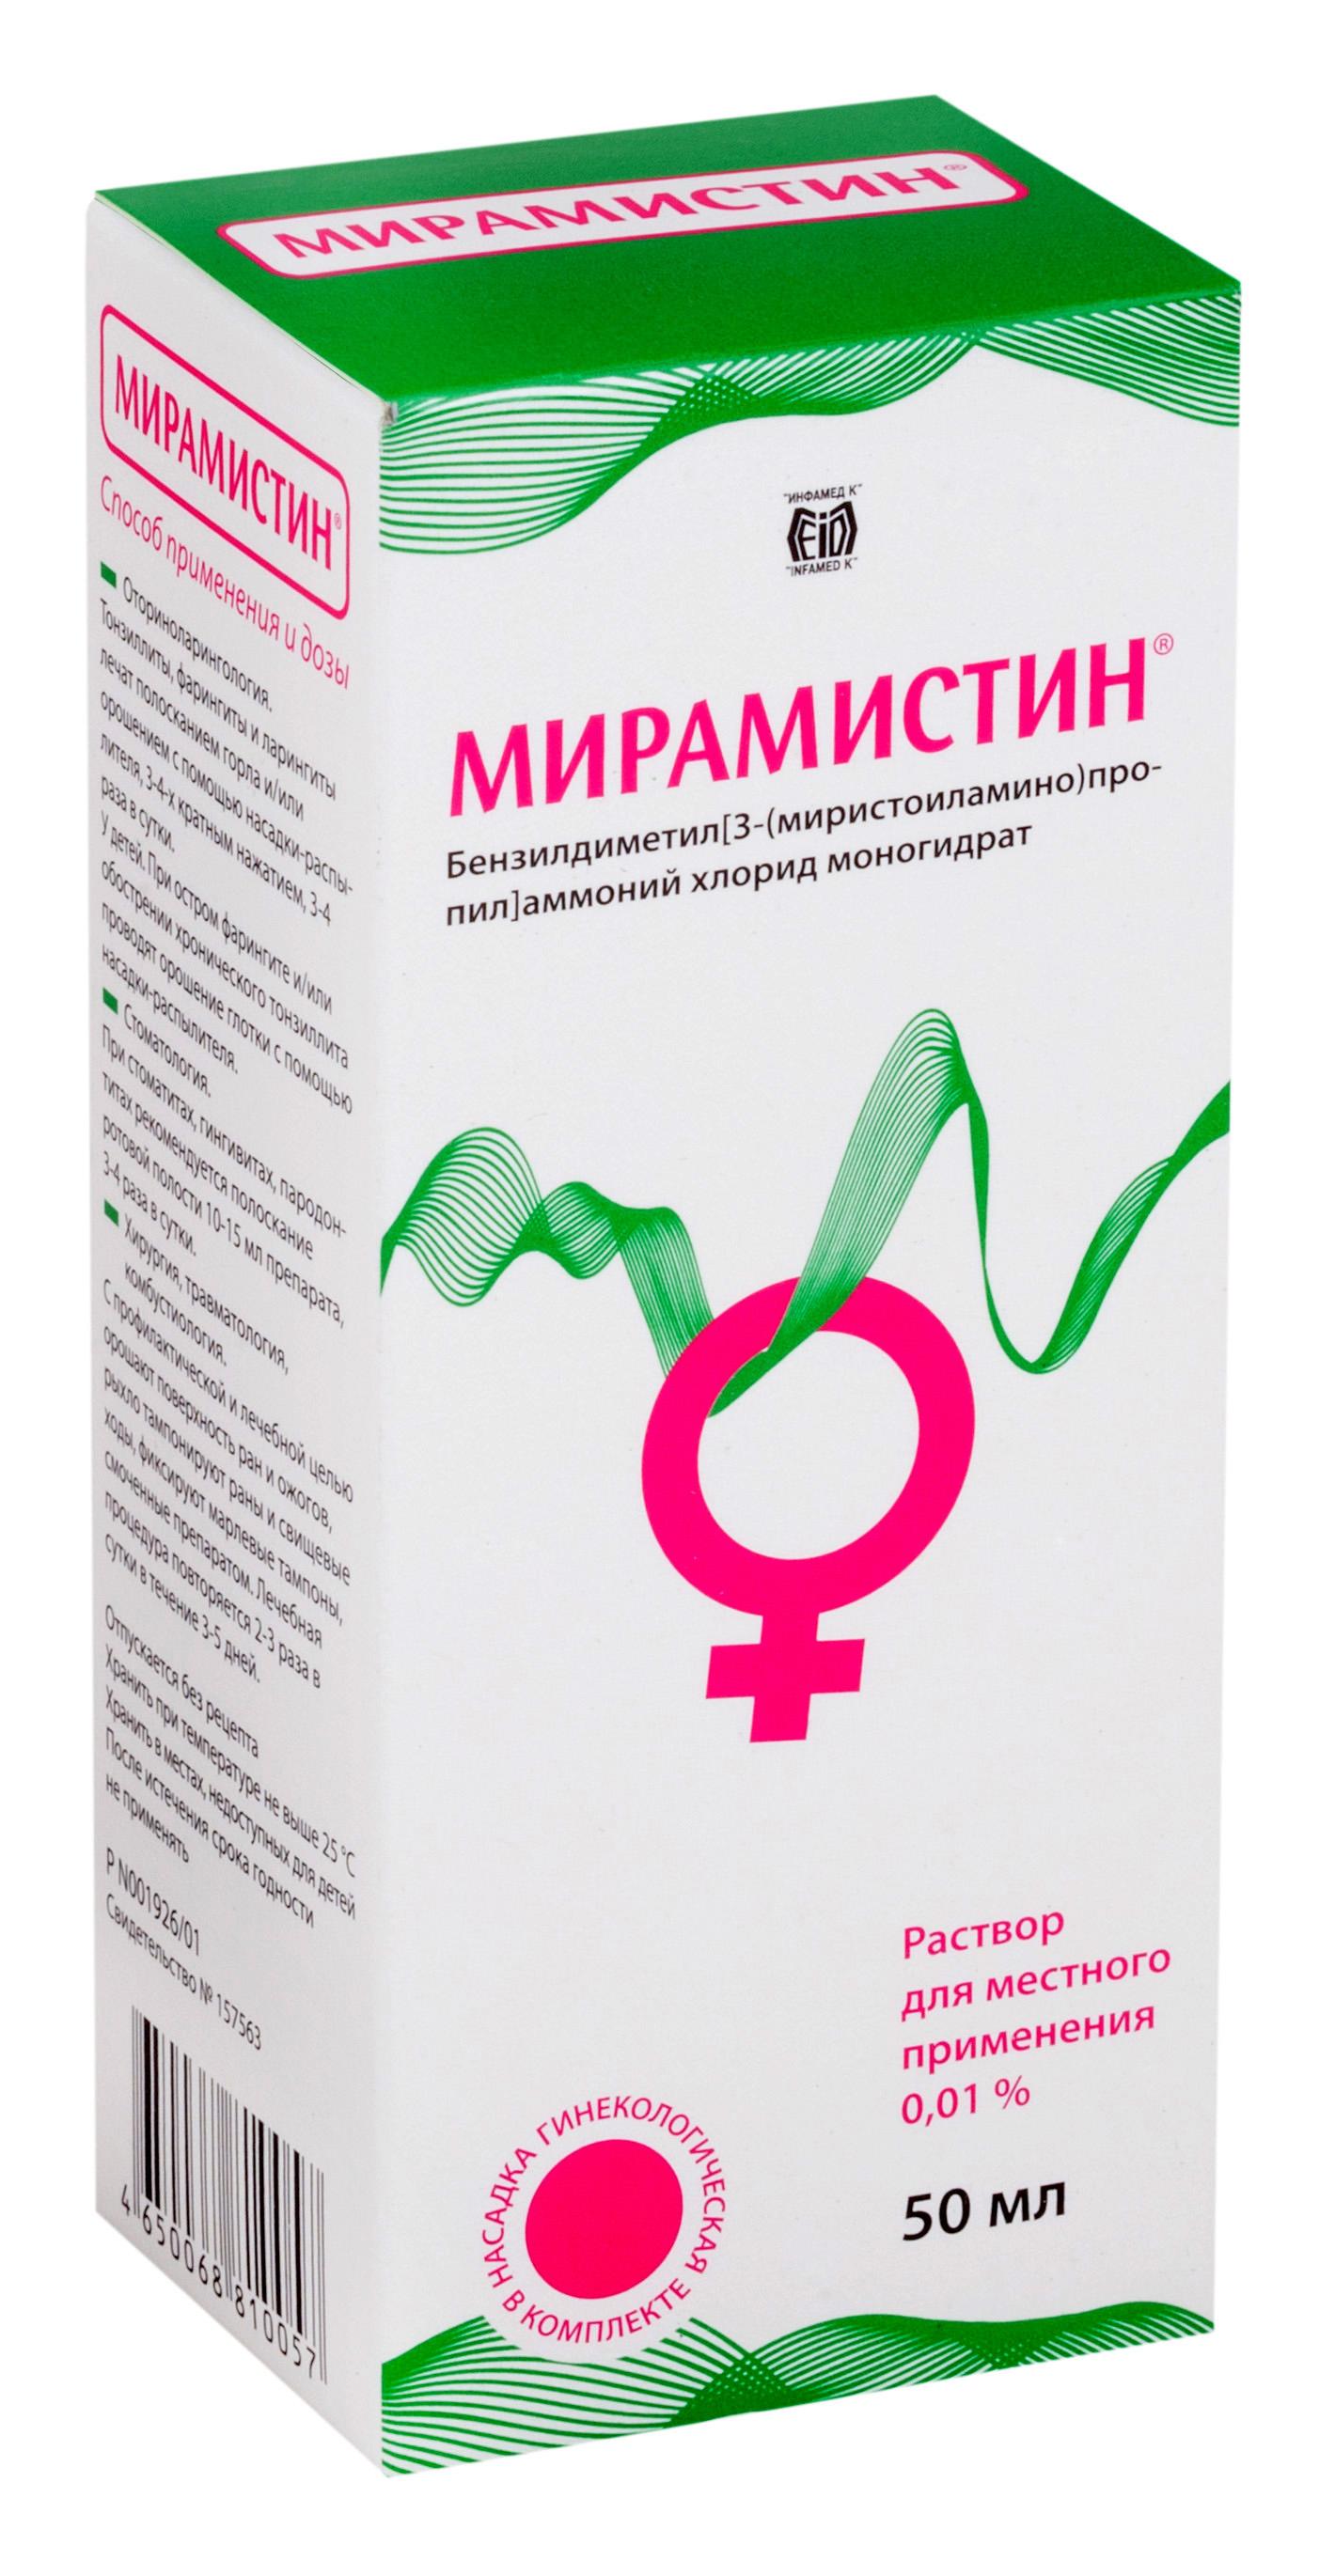 Мирамистин р-р д/мест. прим. 0,01% 50мл фл. с аппликатором урологическим (в компл. с насадкой гинекологической)